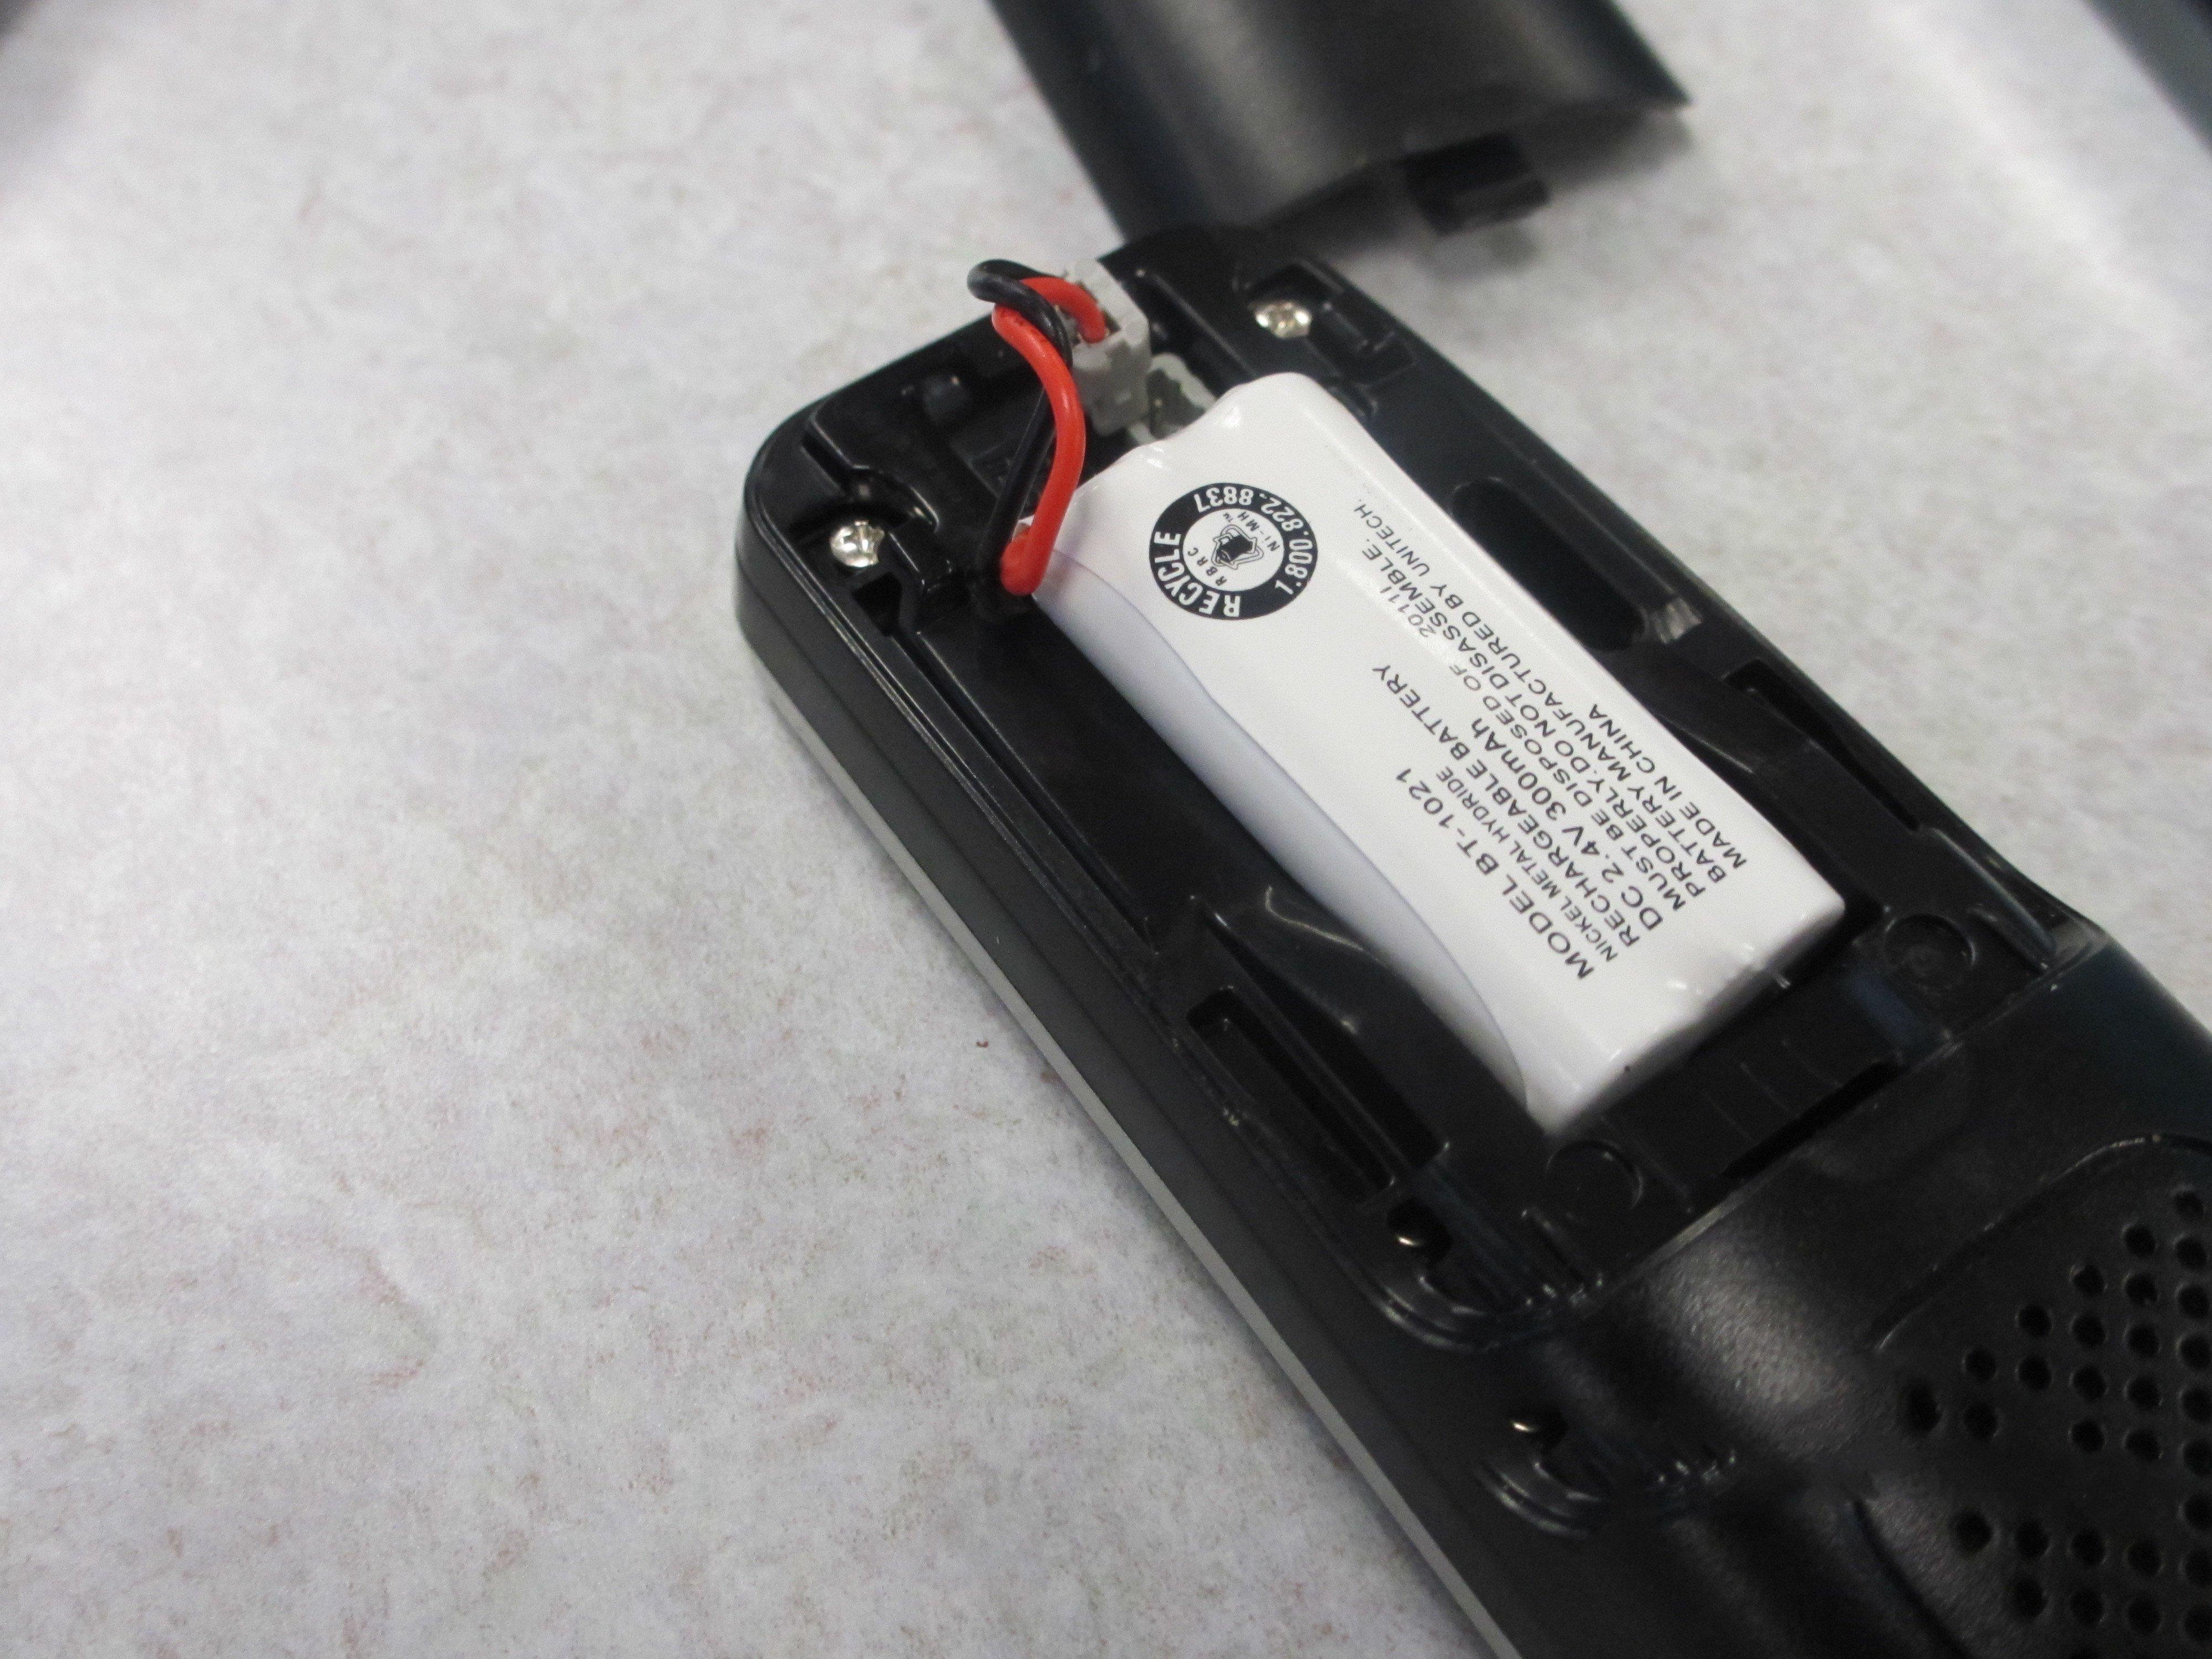 uniden d1688 handheld replacement ifixit repair guide rh fr ifixit com Uniden D 1688 2 Manual Uniden- DECT 6.0 Cordless Phones